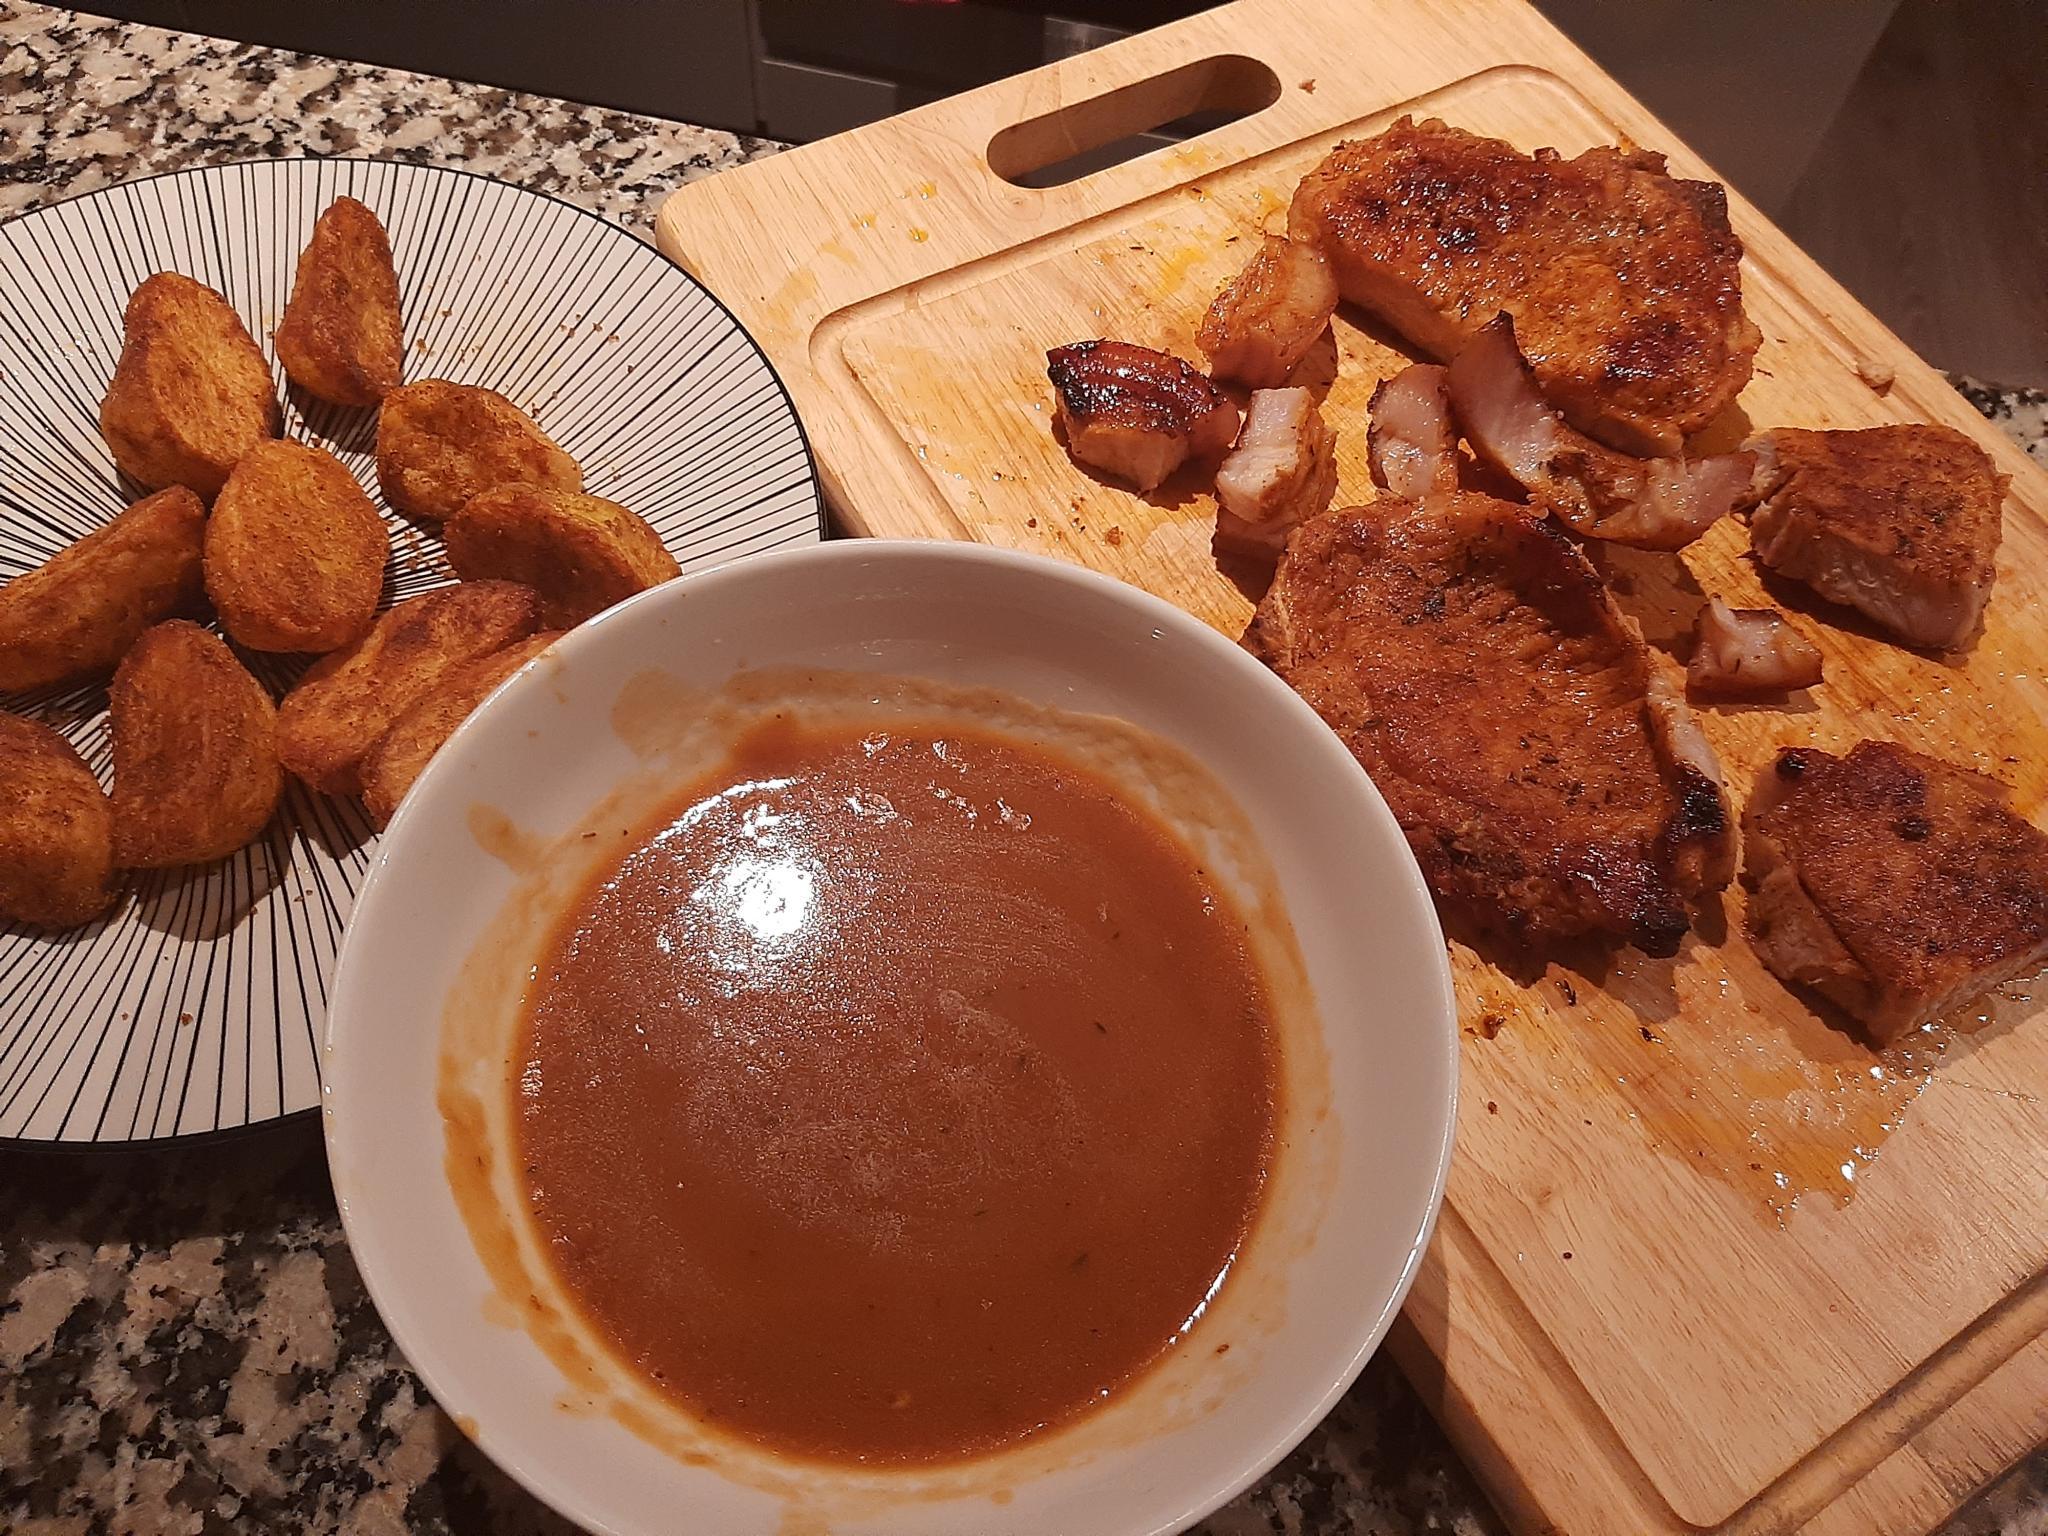 Dinner-20200529_222932-jpg